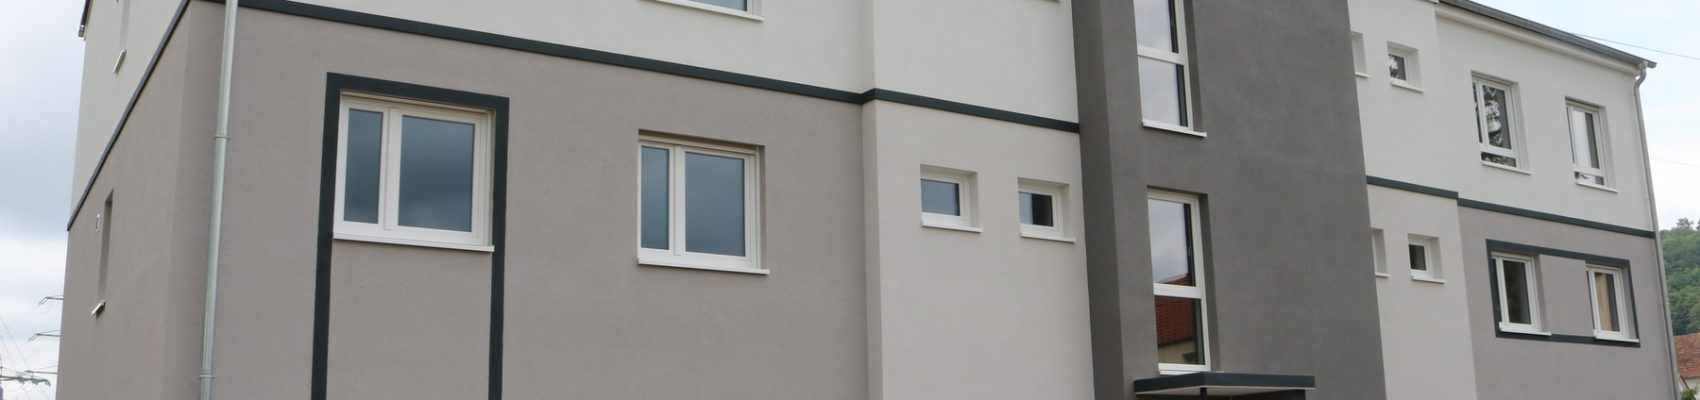 Wohnwirtschaft_Schalthaus